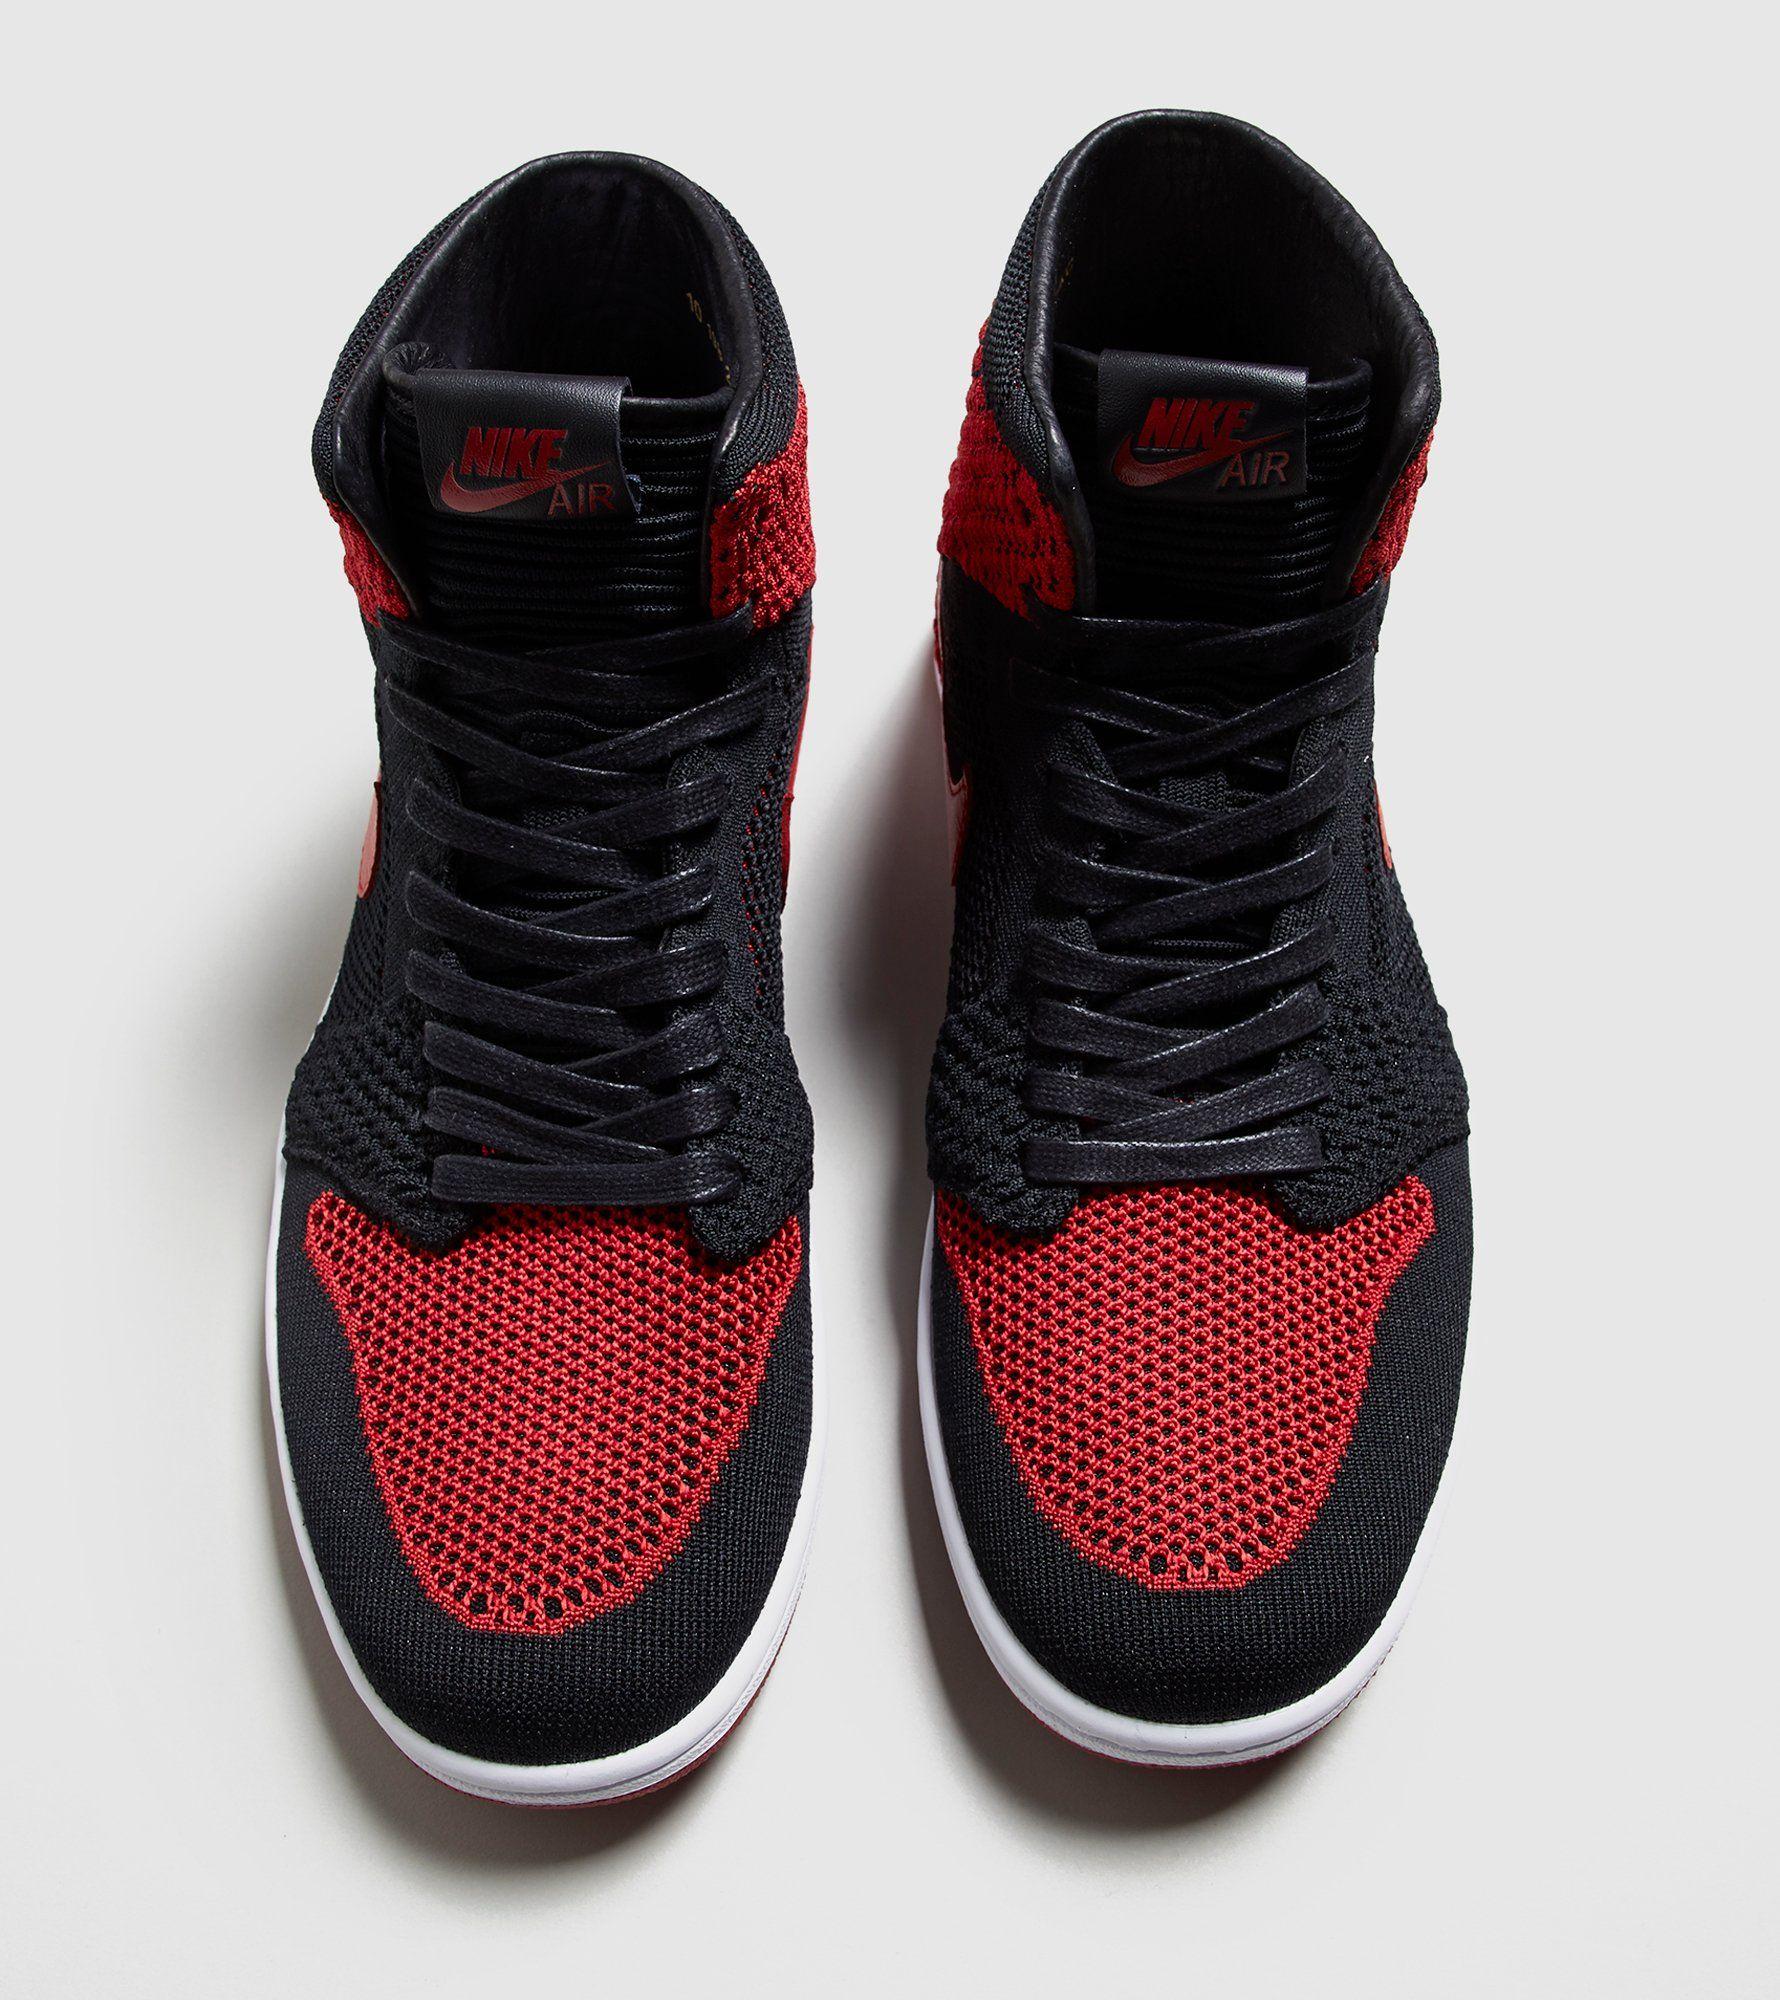 Jordan 1 Flyknit